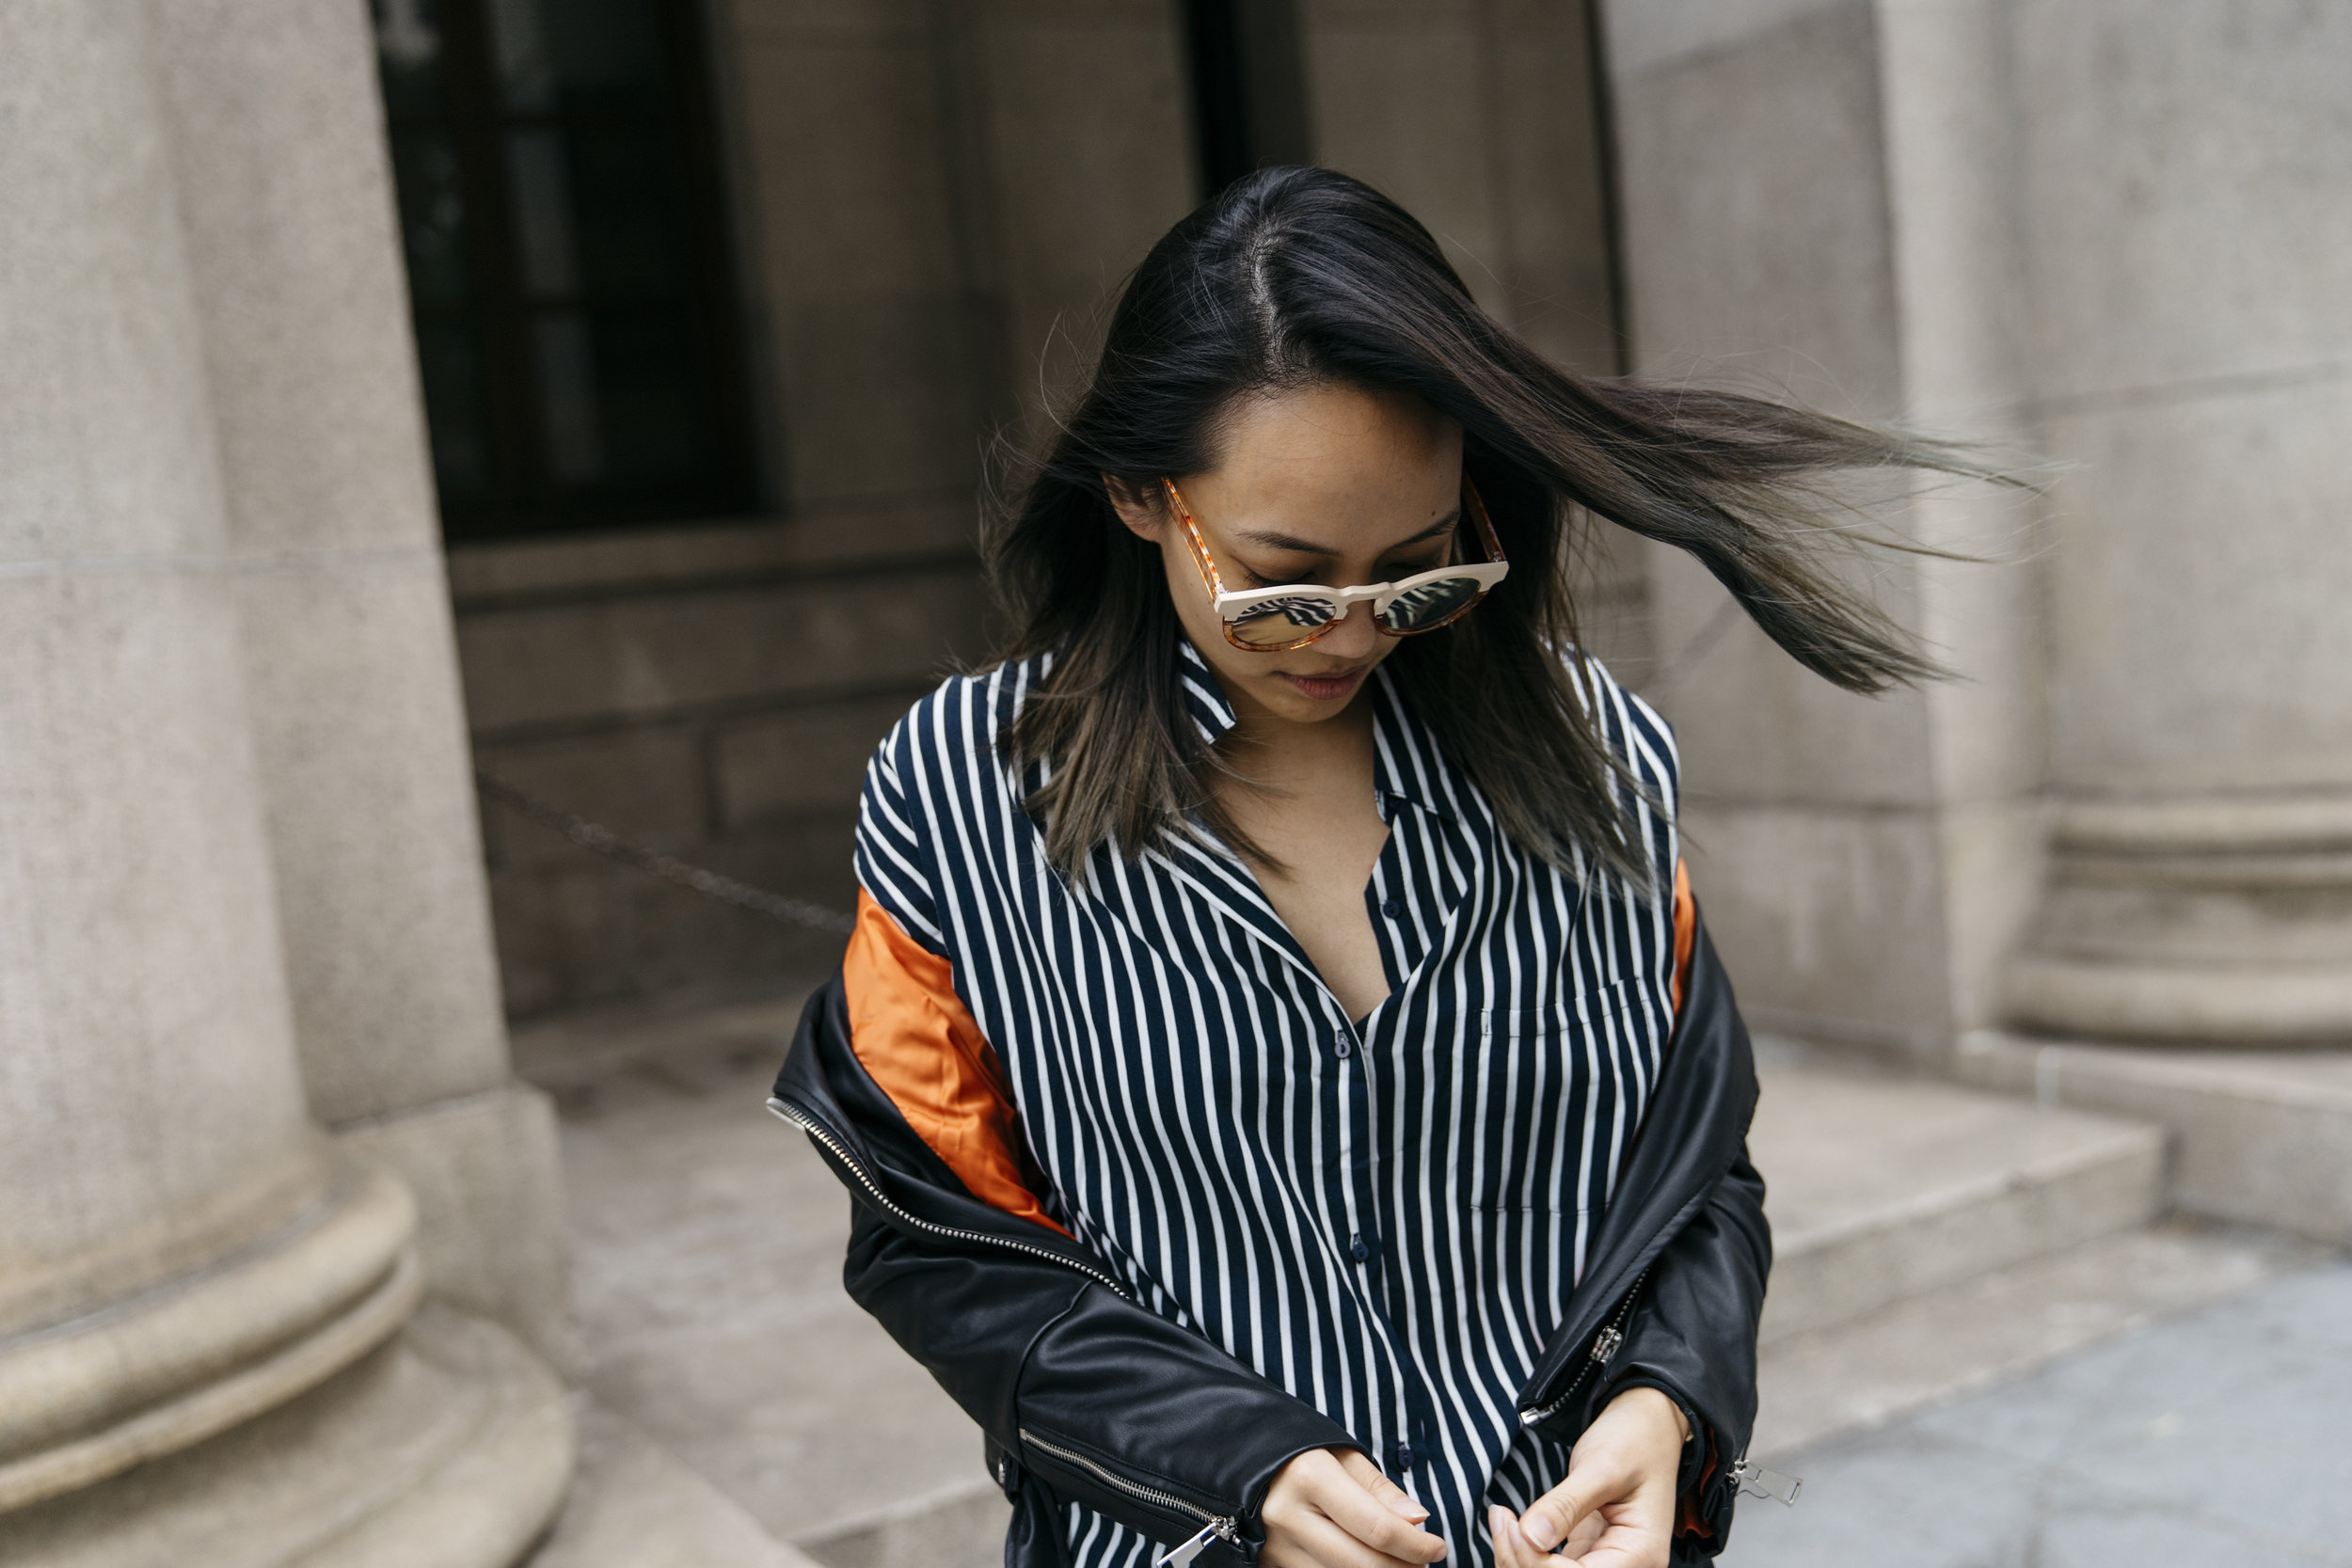 hey-yeh-pomelo-fashion-leather-stripes-04.jpg